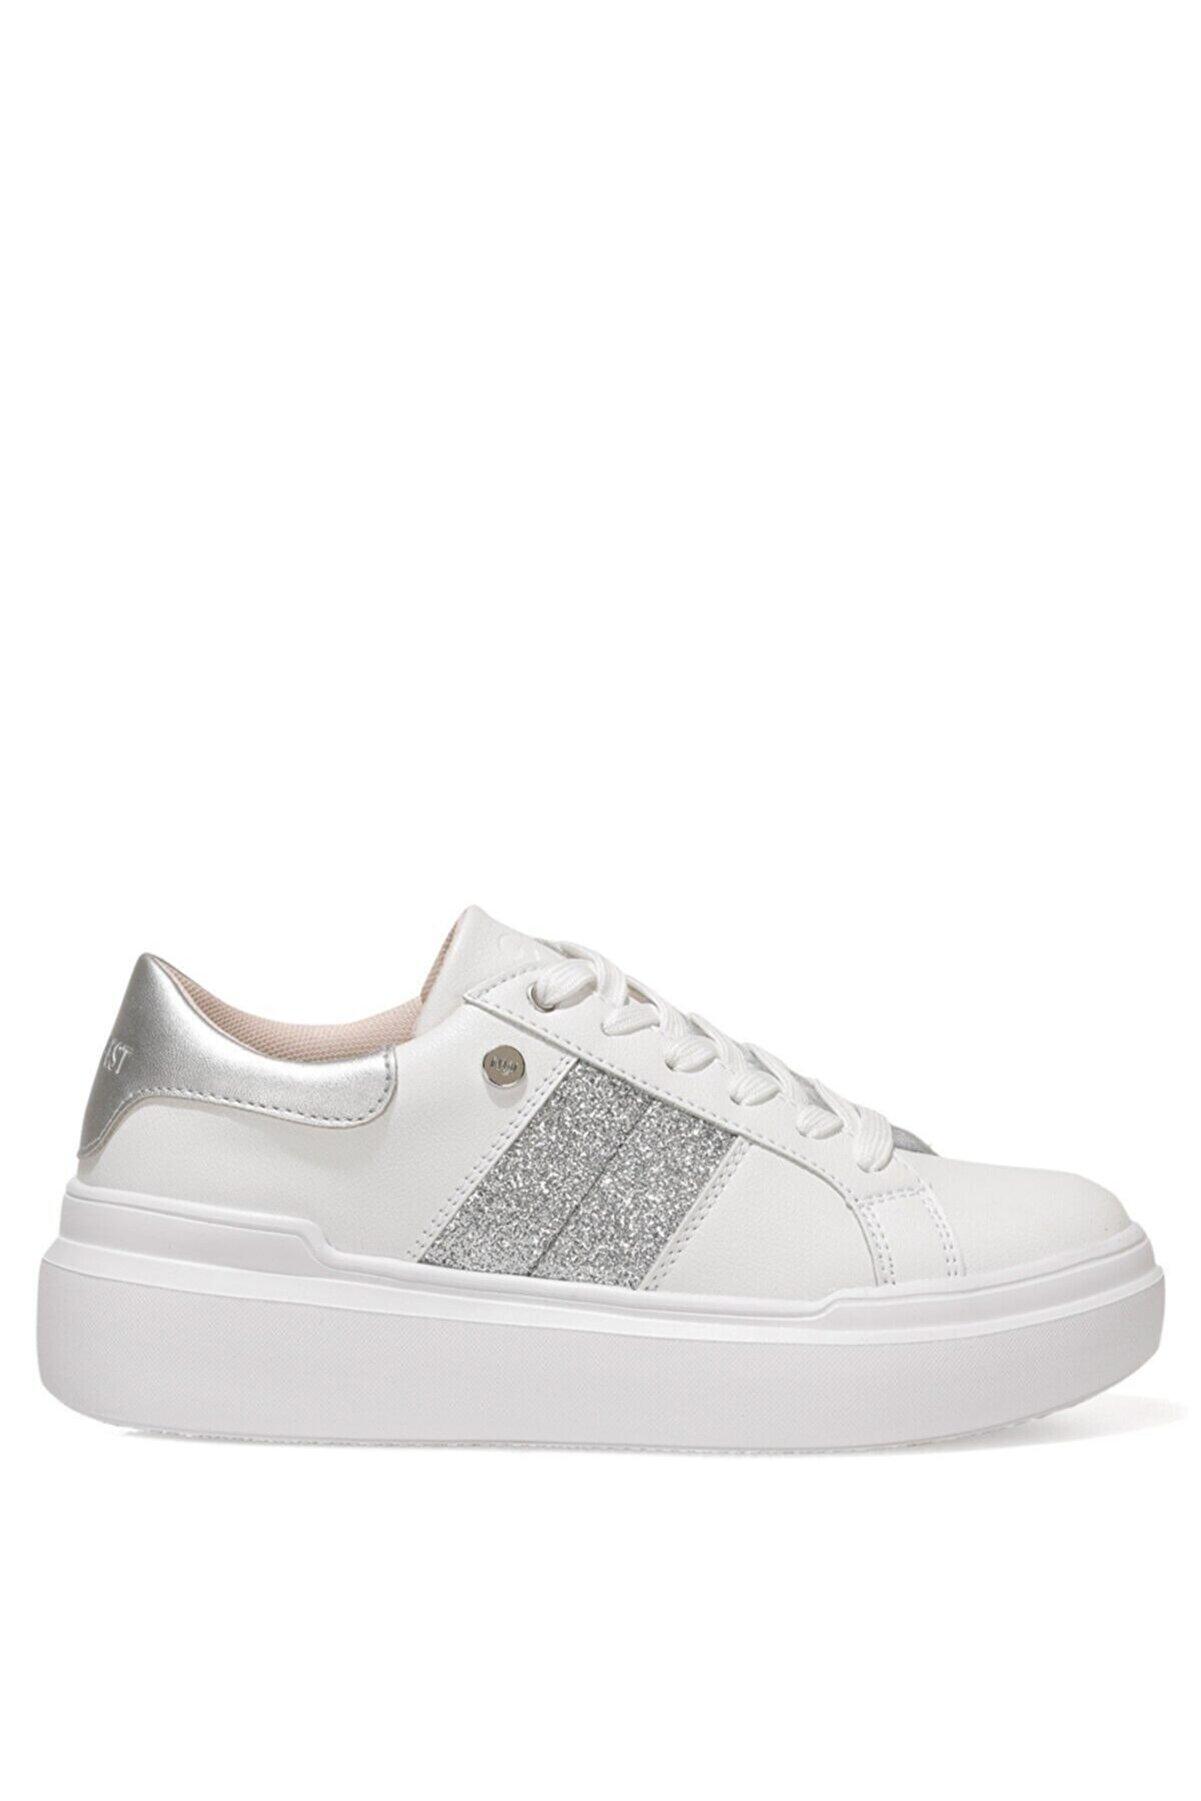 Nine West PRETTY 1FX Beyaz Kadın Sneaker Ayakkabı 101015508